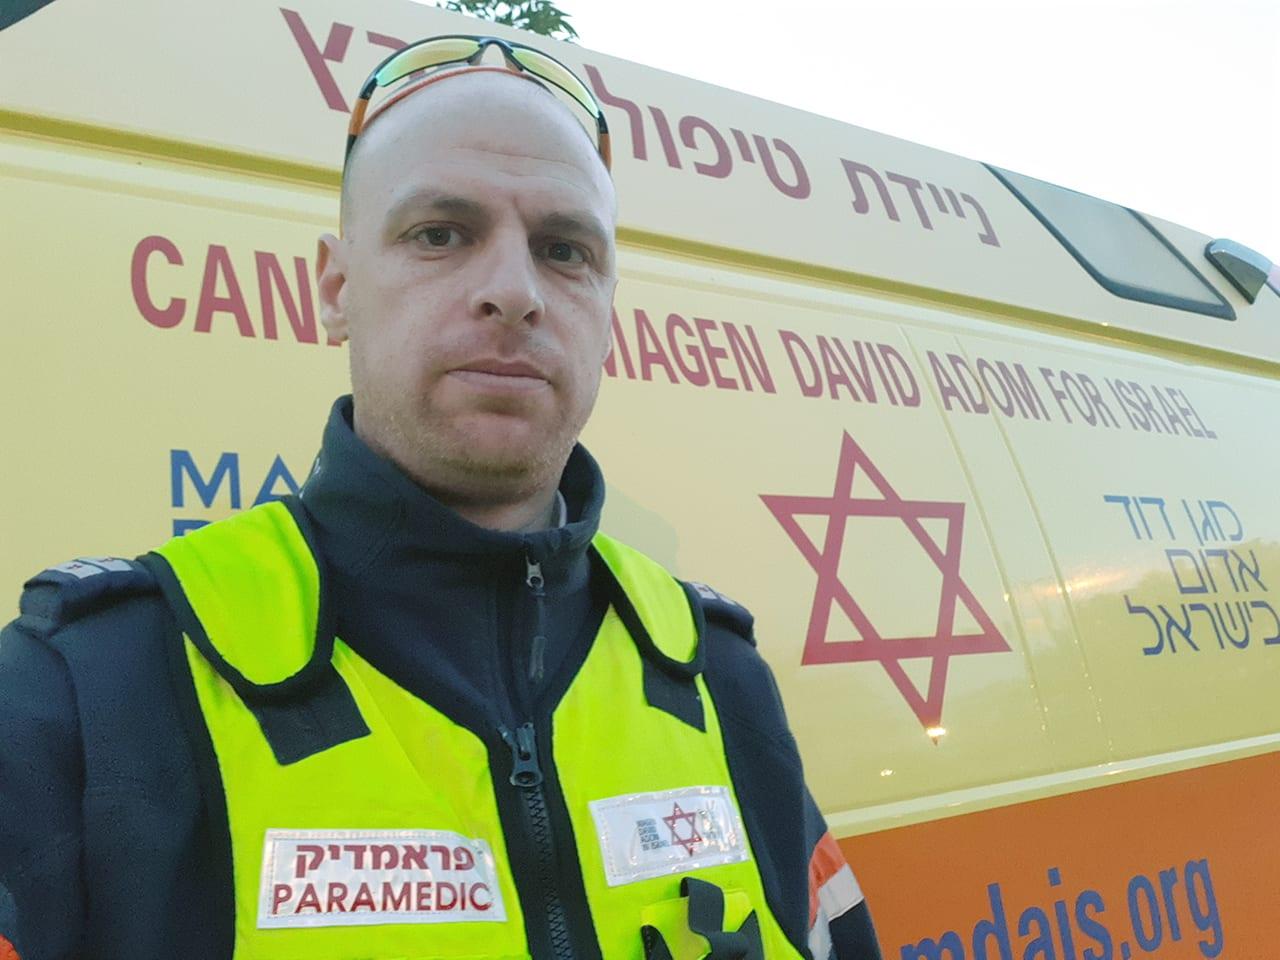 El paramédico Aryeh Myers ha trabajado con Magen David Adom durante 8 años. Fue paramédico del Servicio de Ambulancias de Londres durante 10 años antes de mudarse a Israel.